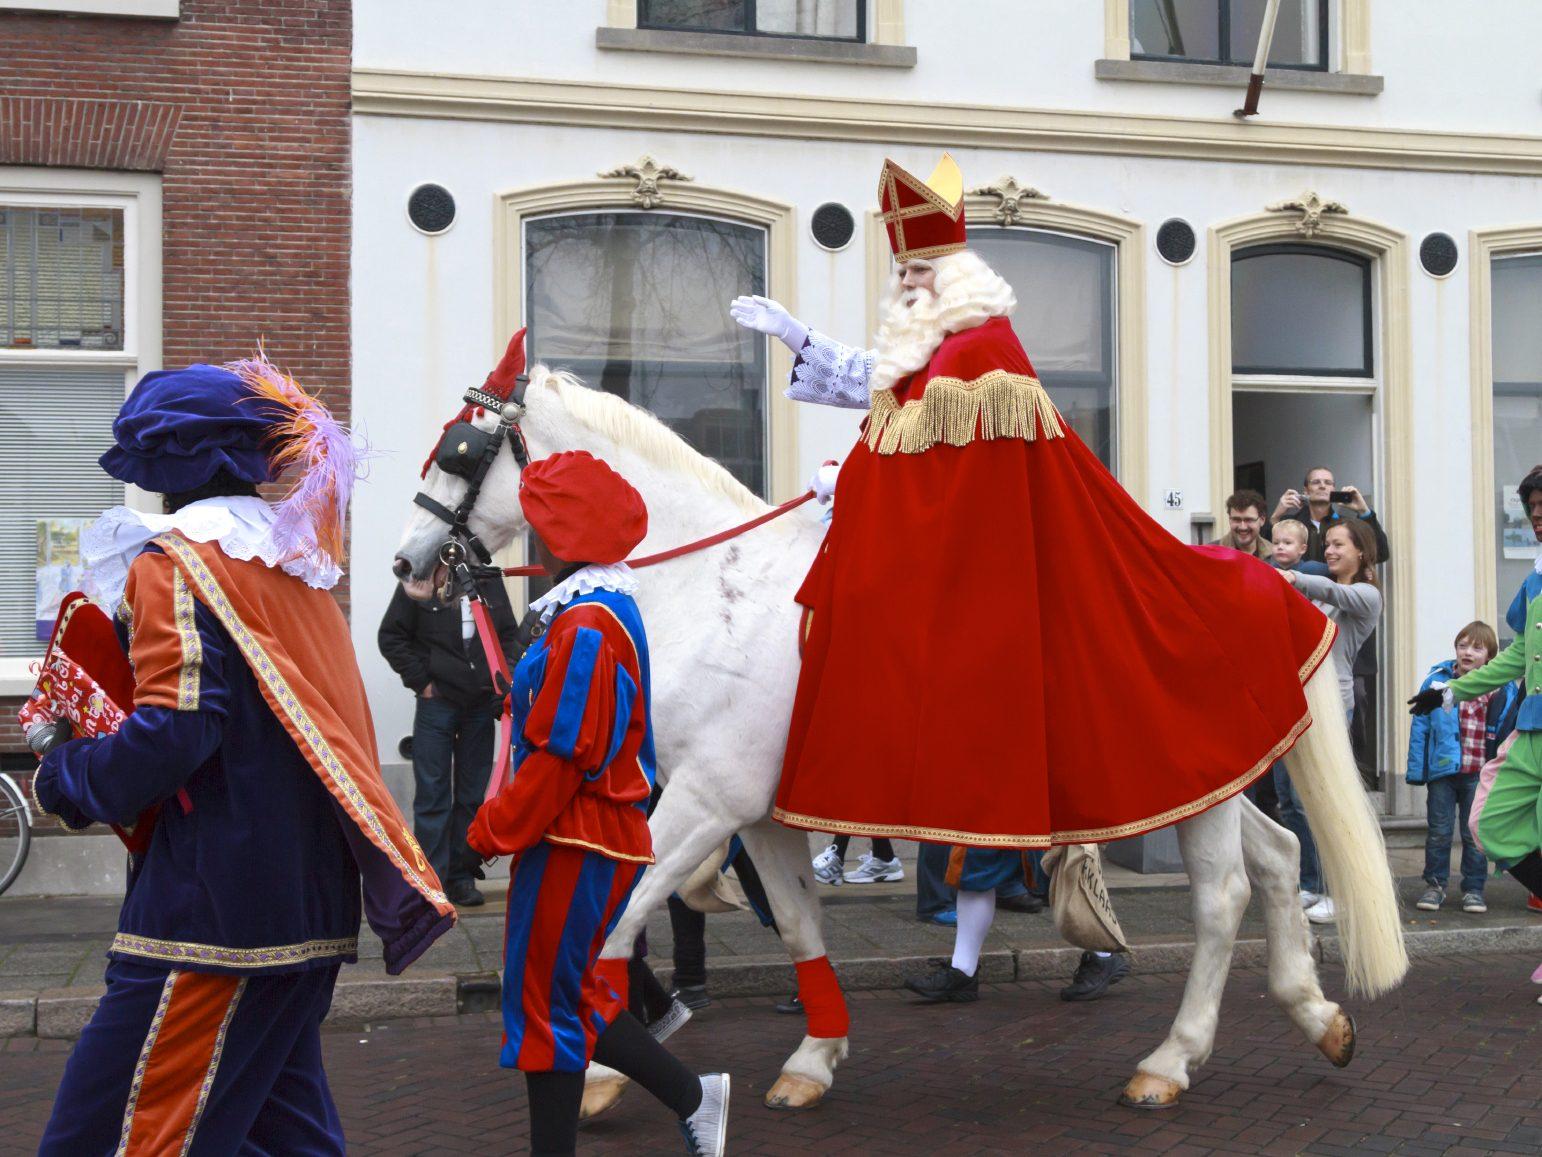 Noël aux Pays-Bas